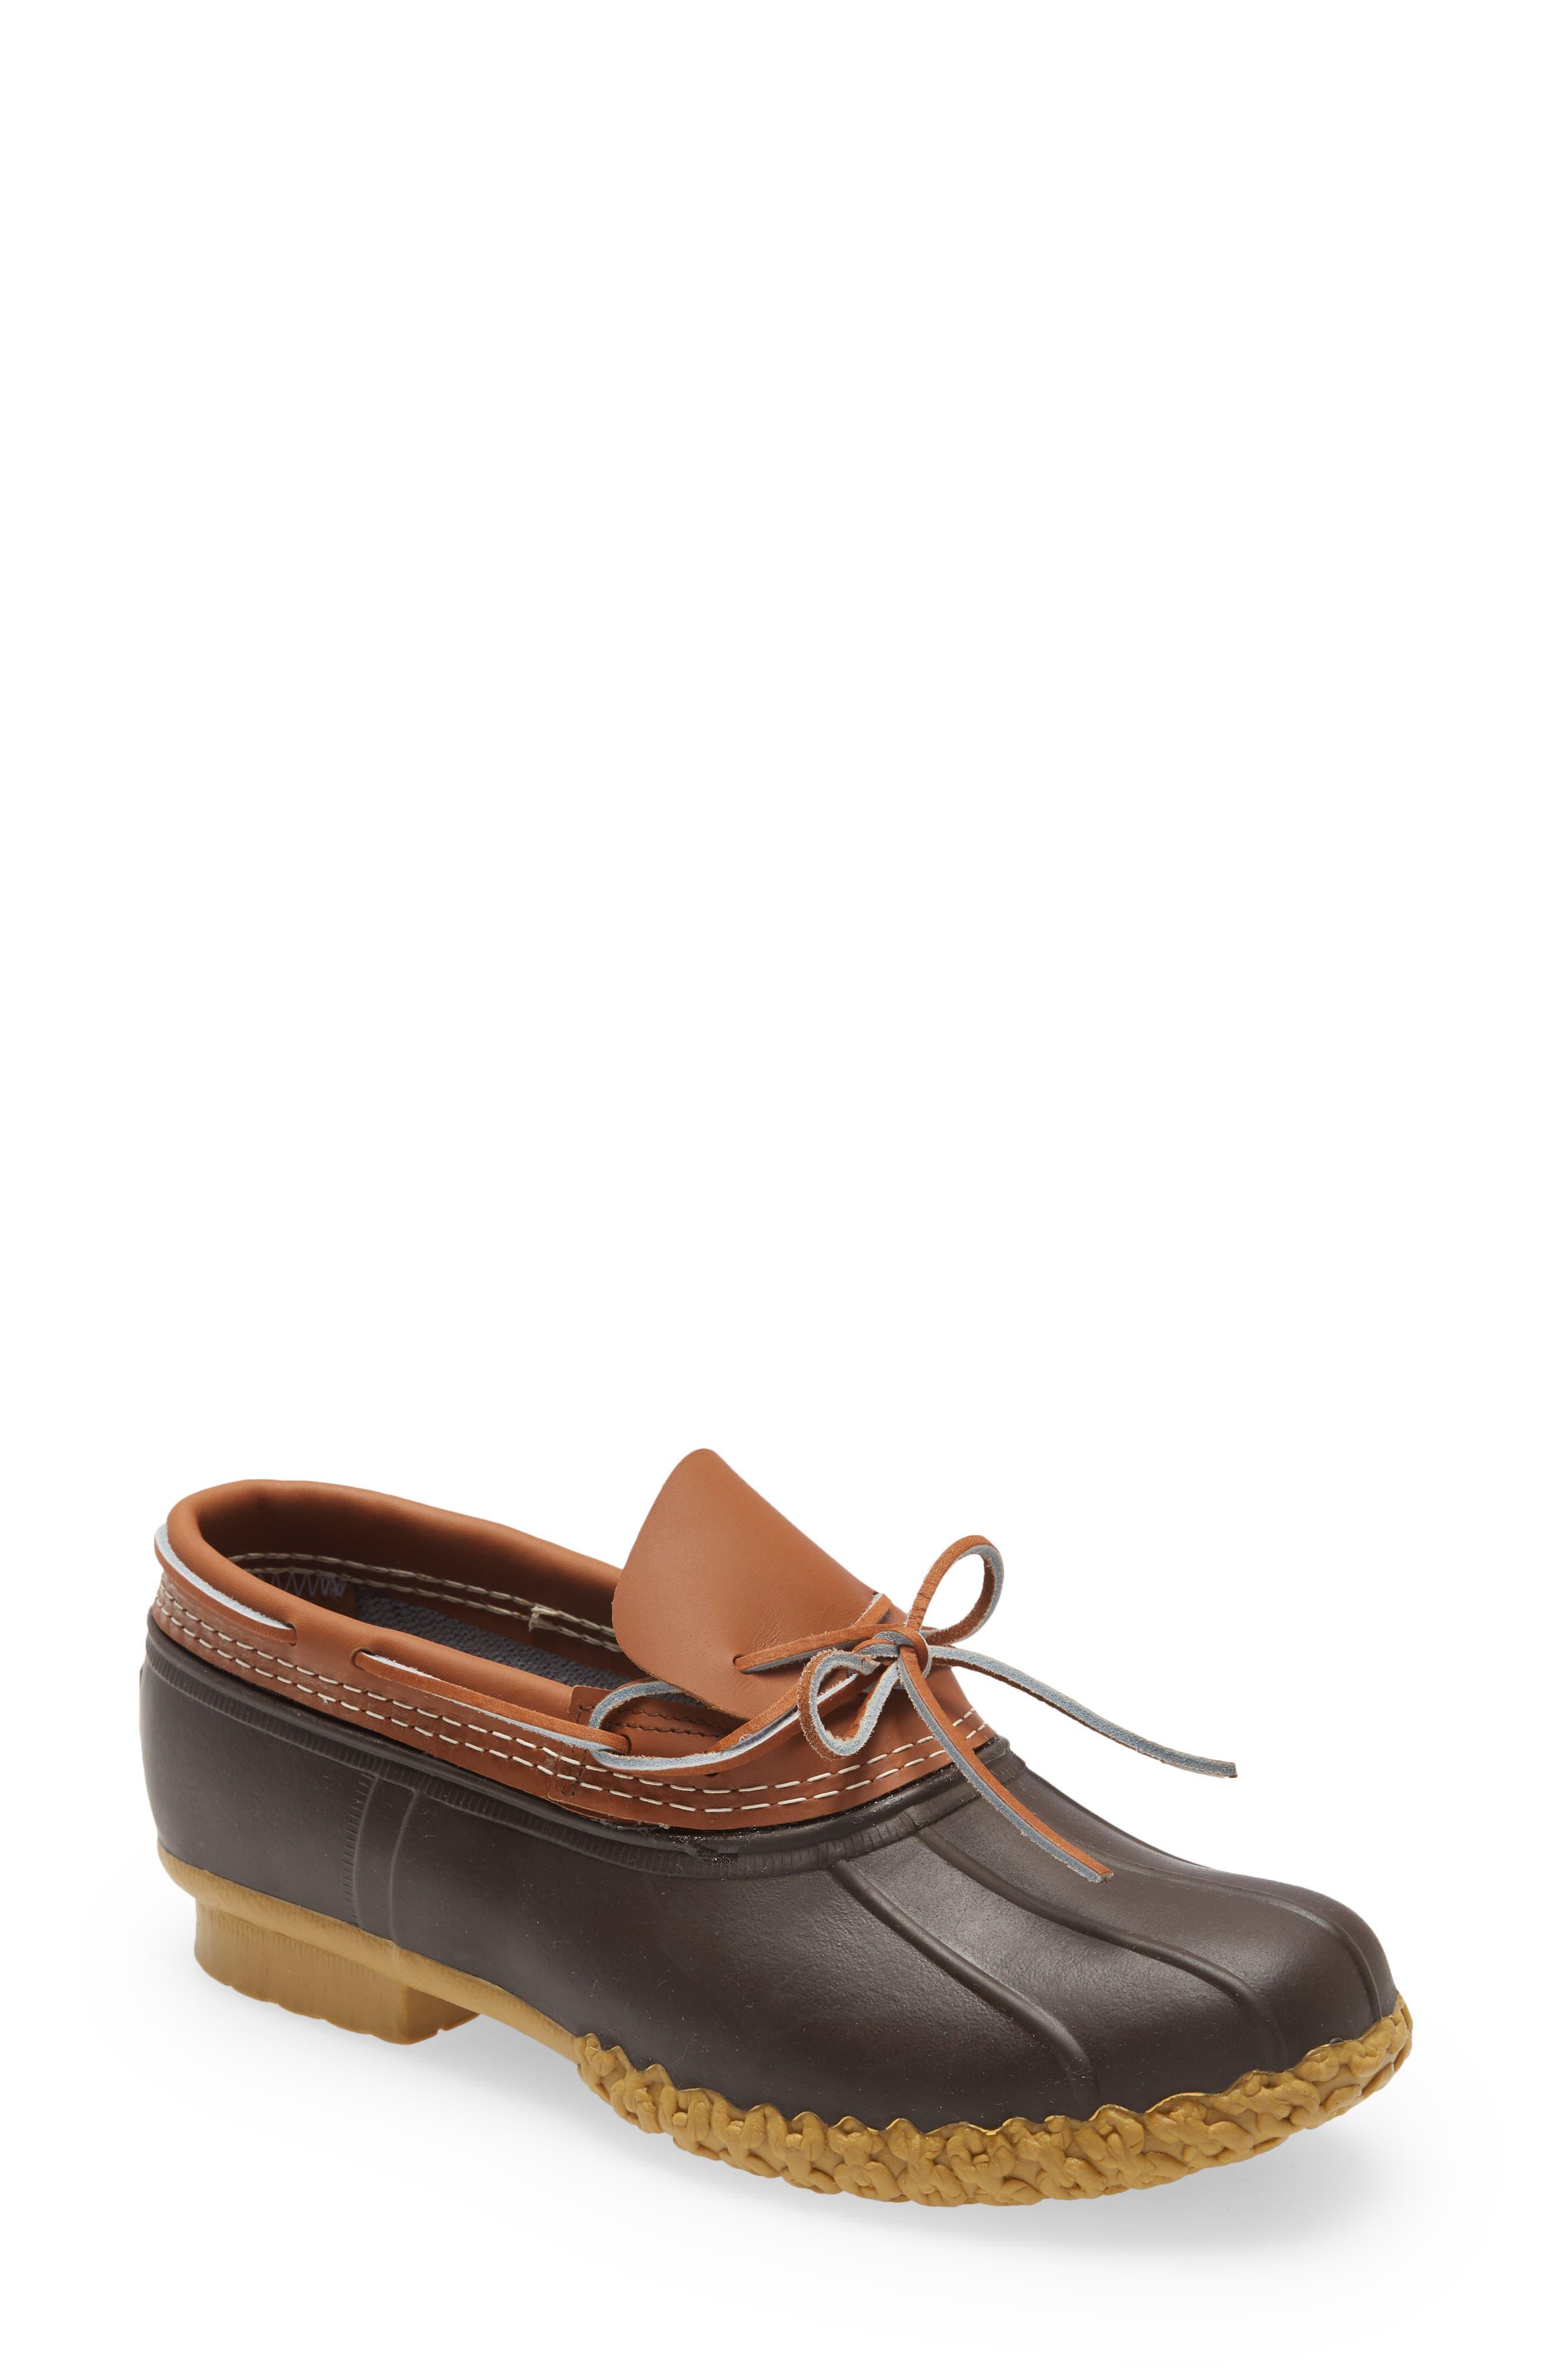 Waterproof Boat Shoe